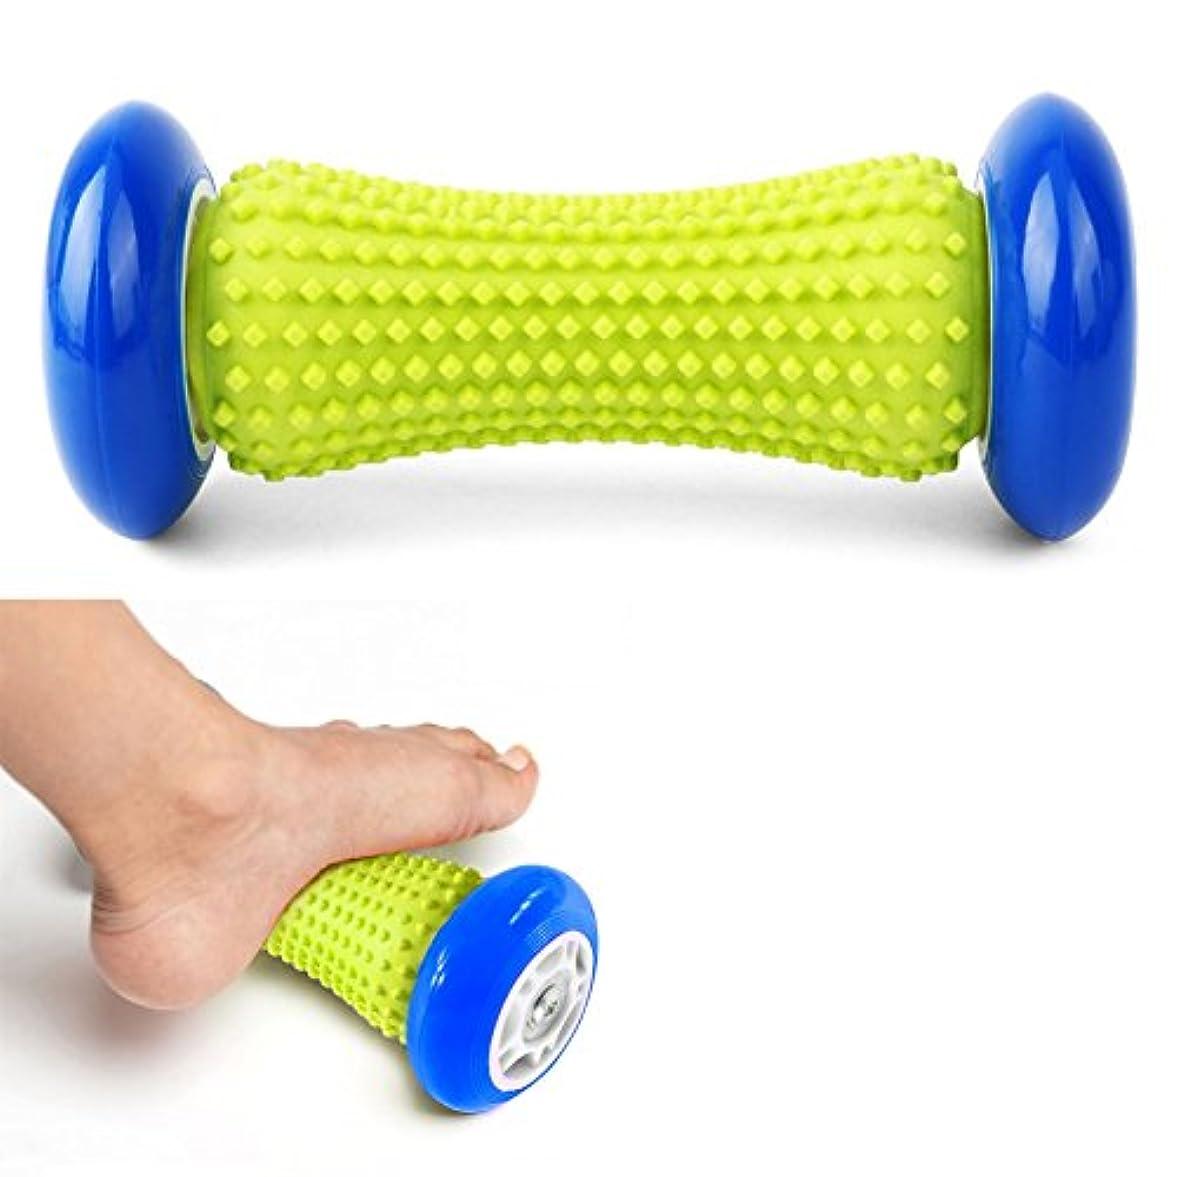 占める恥ずかしい菊DOXUNGO 足と手のマッサージローラー - マッスルローラースティック - 手首と前腕足底筋膜炎、腕の痛み - かかと&足アーチ痛の救済のための運動ローラー (ブラック)